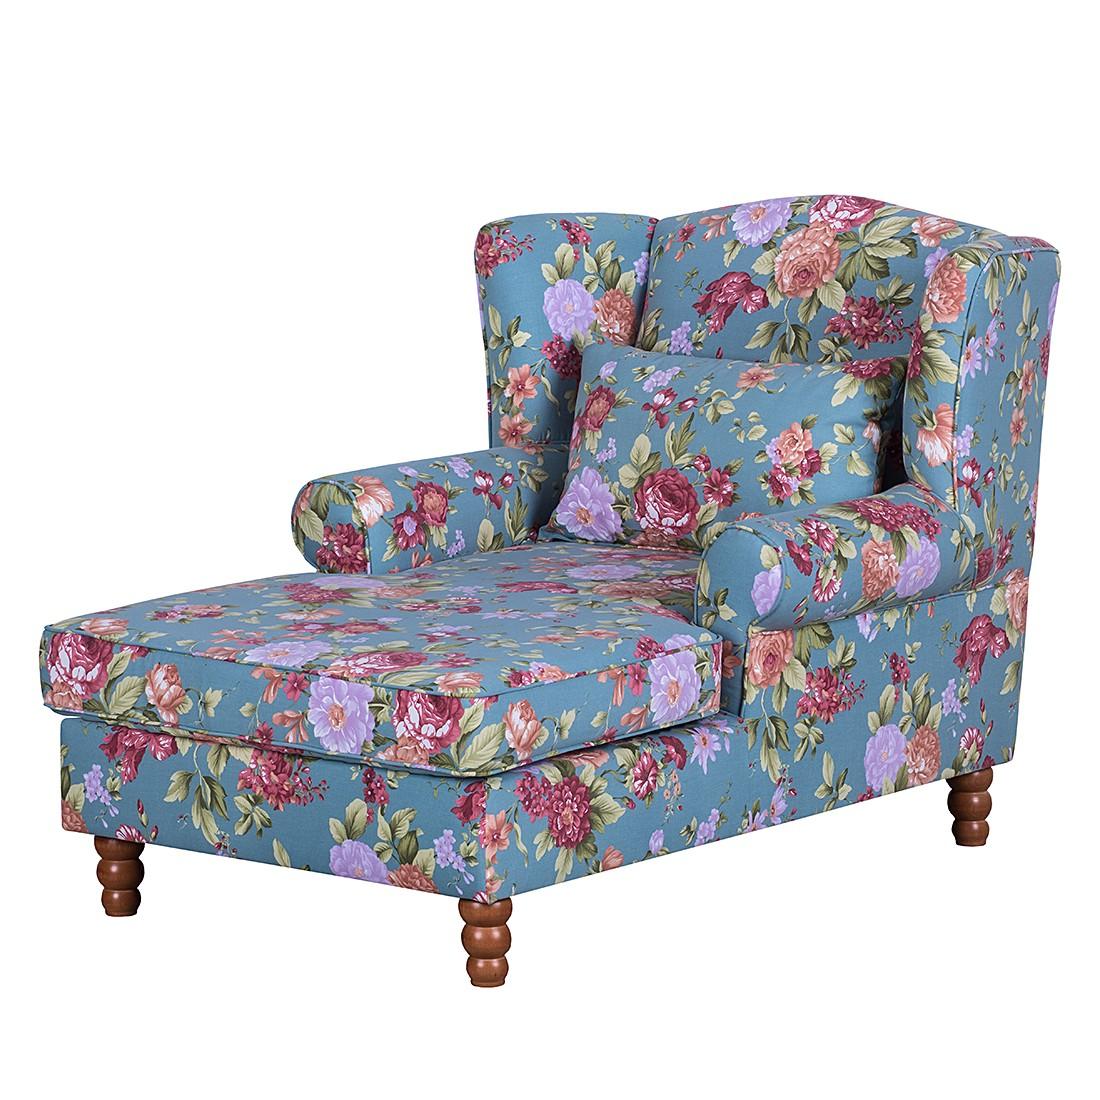 alle bedrijven online bloemenpatroon pagina 1. Black Bedroom Furniture Sets. Home Design Ideas